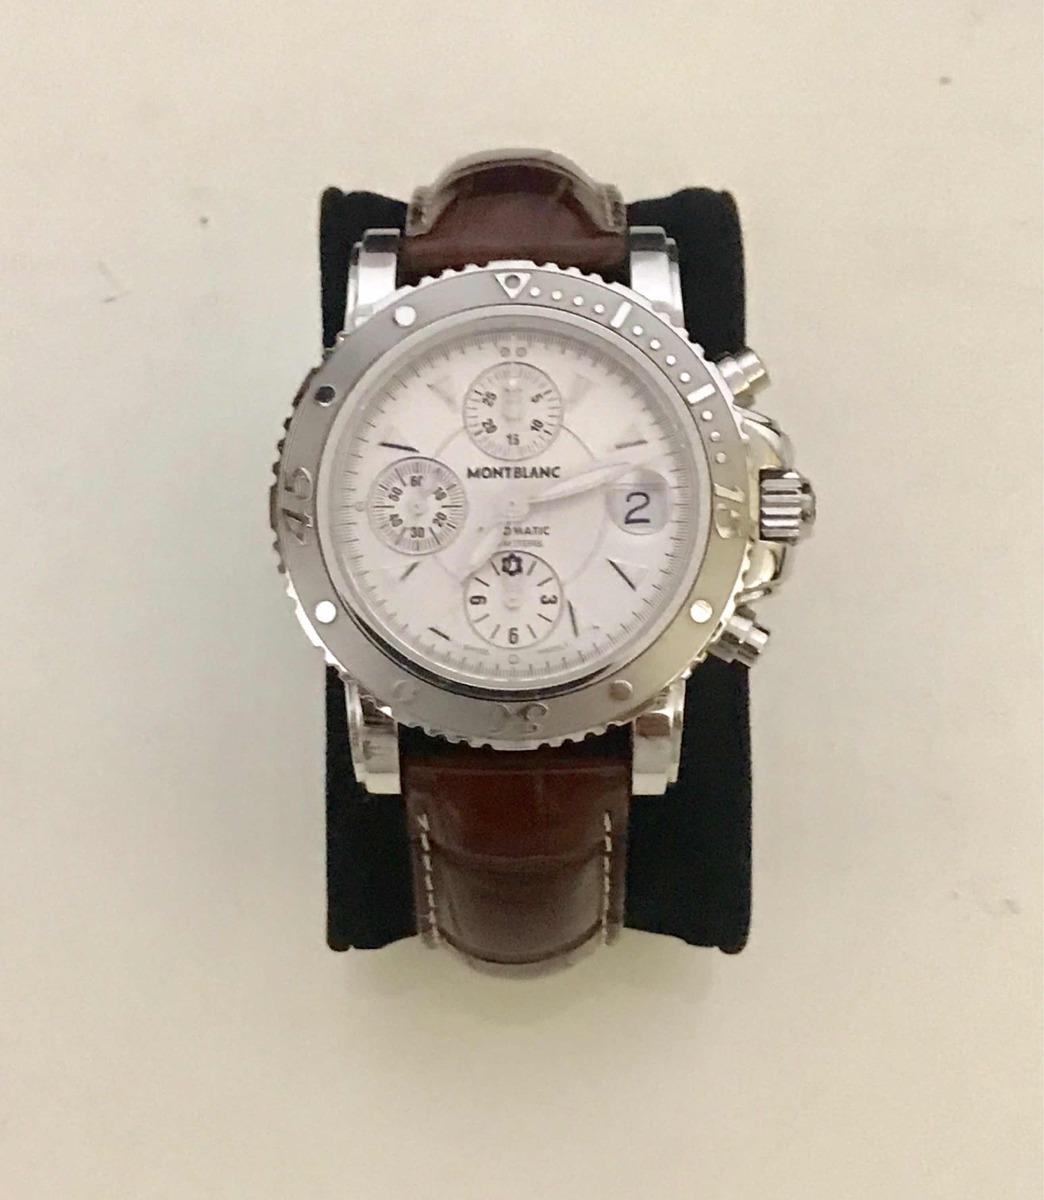 8916a05ec7b relógio montblanc sport automático 42mm - tag rolex omega. Carregando zoom.